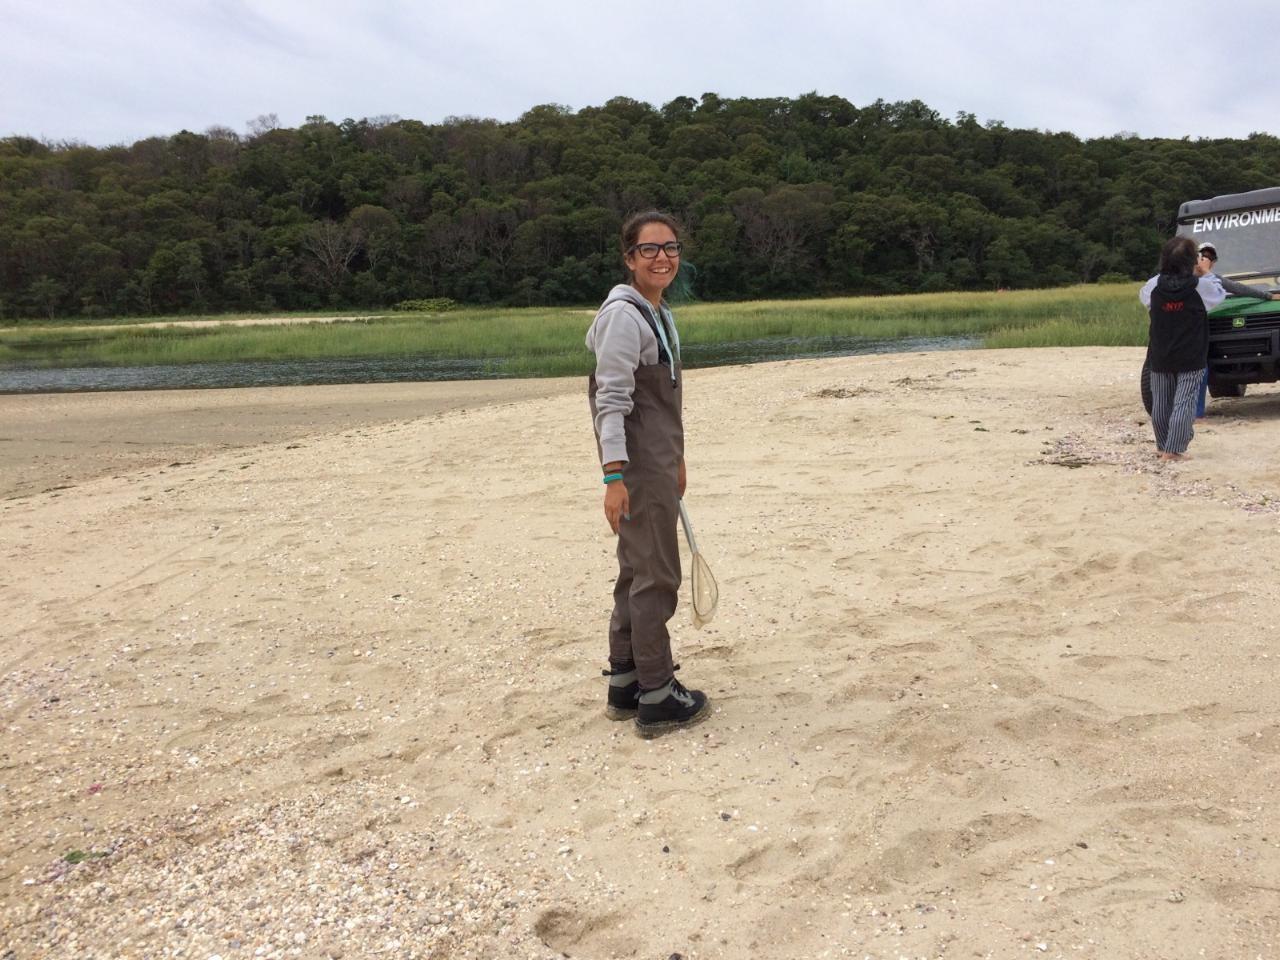 Sunken Meadow 9 - Ashley Longo